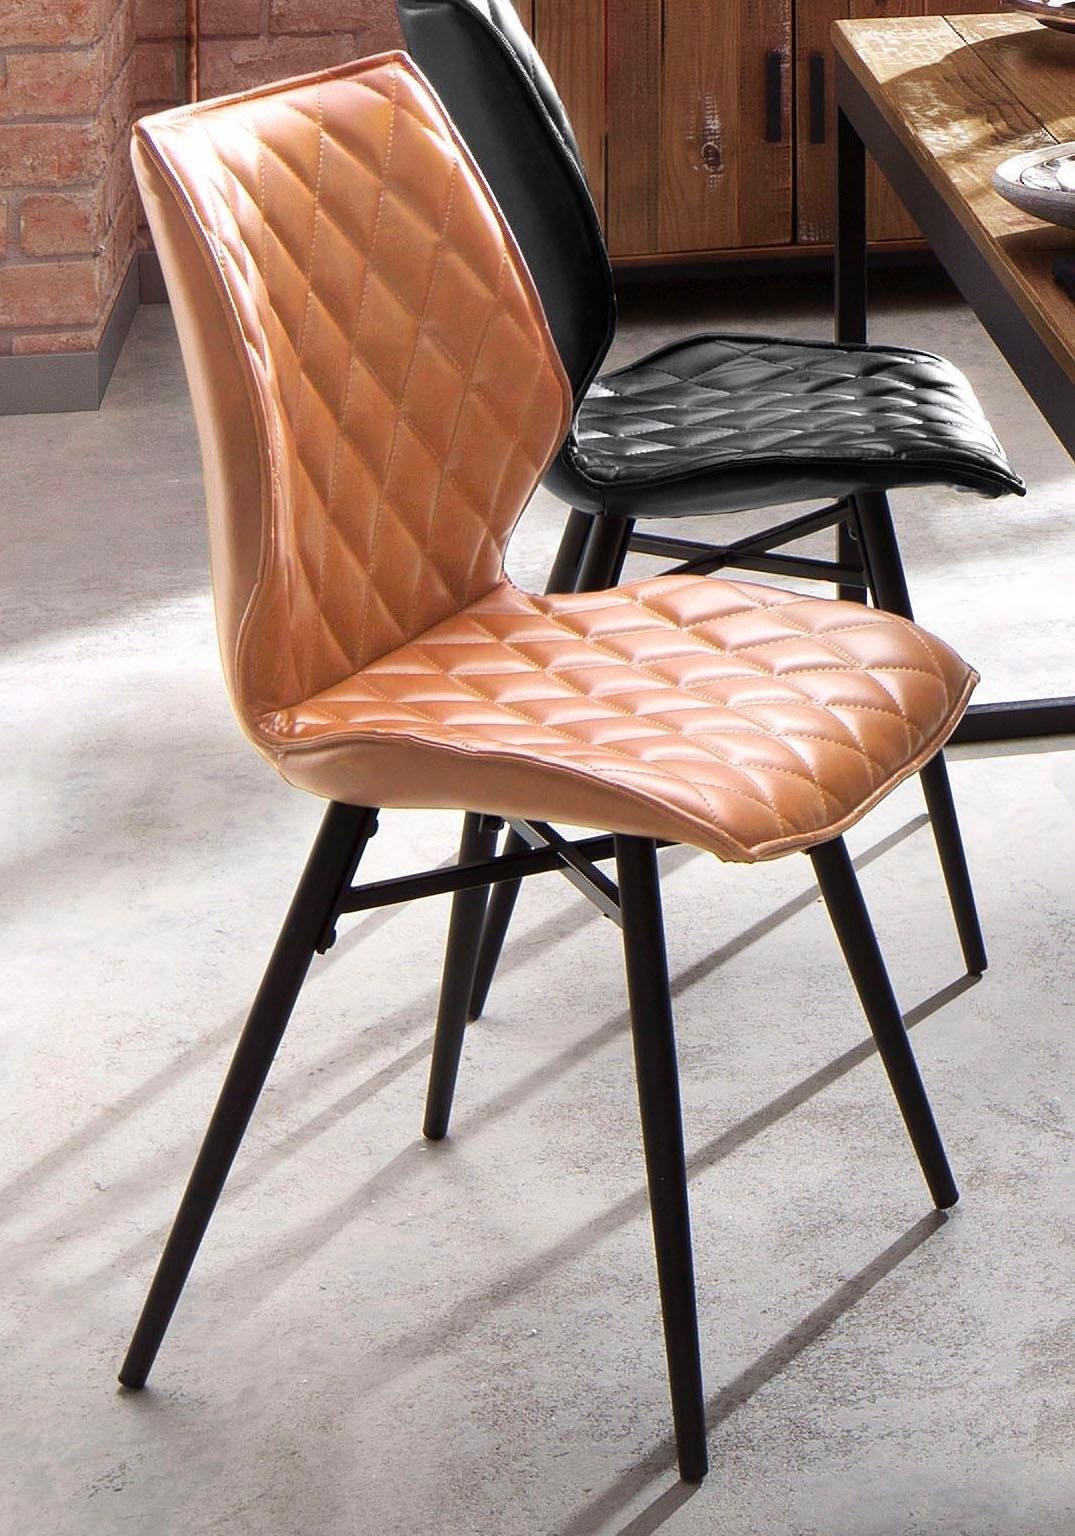 Eettafel met stoelen top finest design eettafel stoelen for Eettafel stoelen cognac